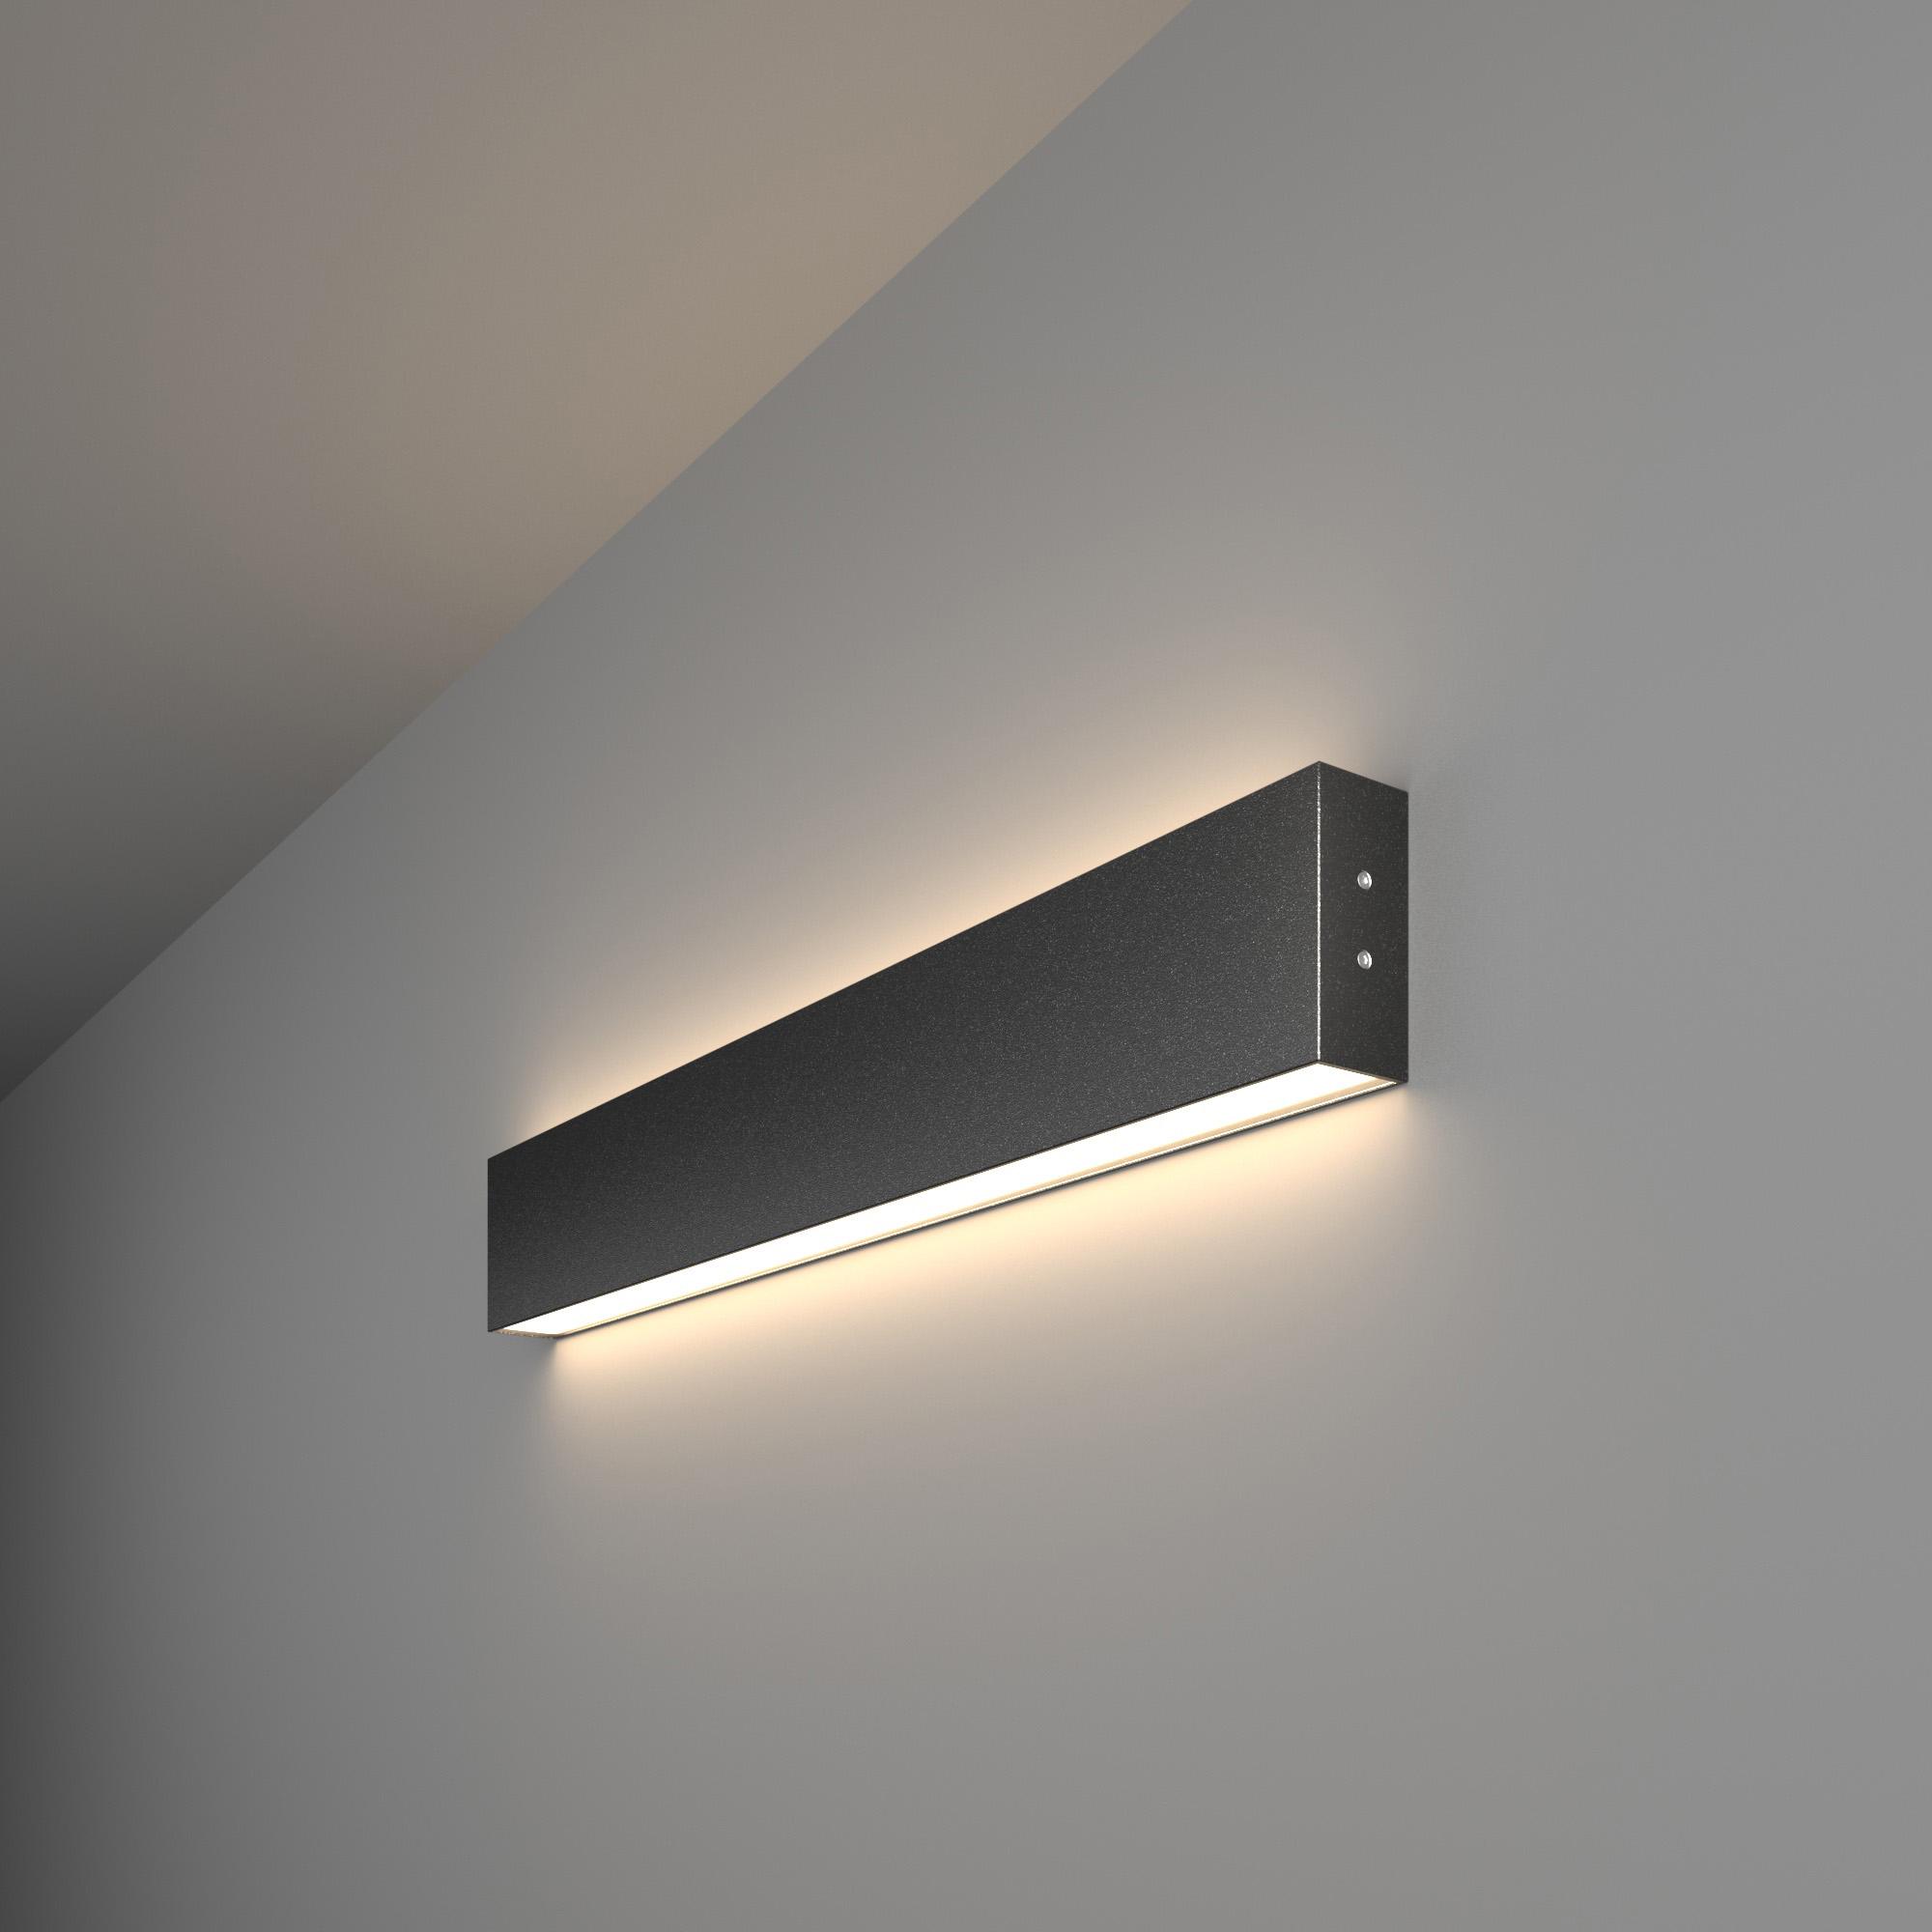 Линейный светодиодный накладной двусторонний светильник 53см 20Вт 4200К черная шагрень 101-100-40-53